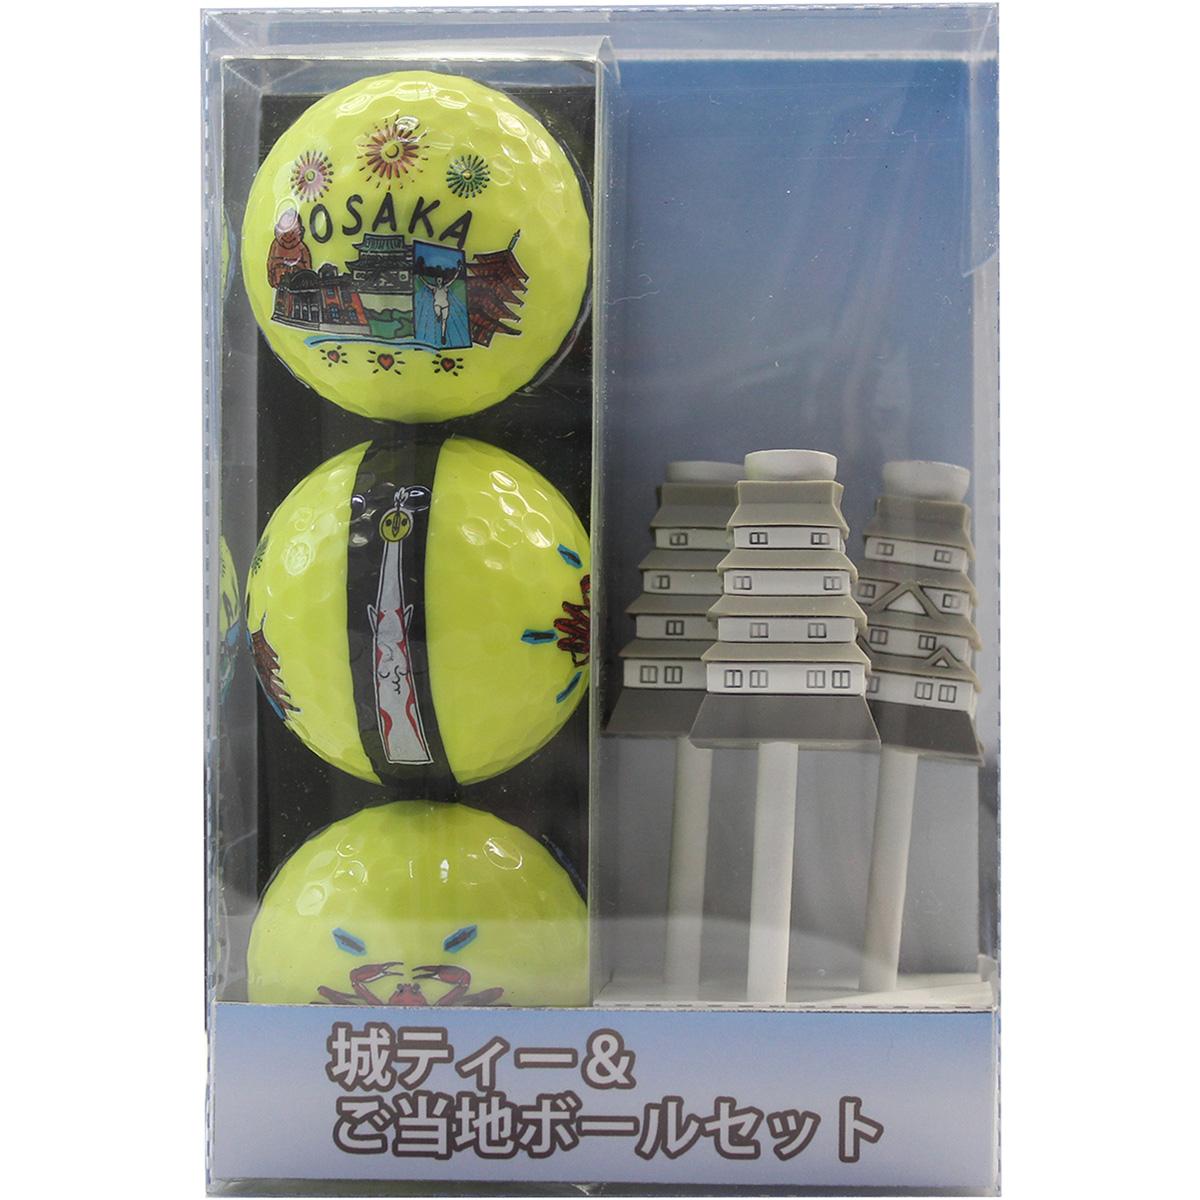 ホクシン交易 大阪城ティー3本&大阪ボール3個セット